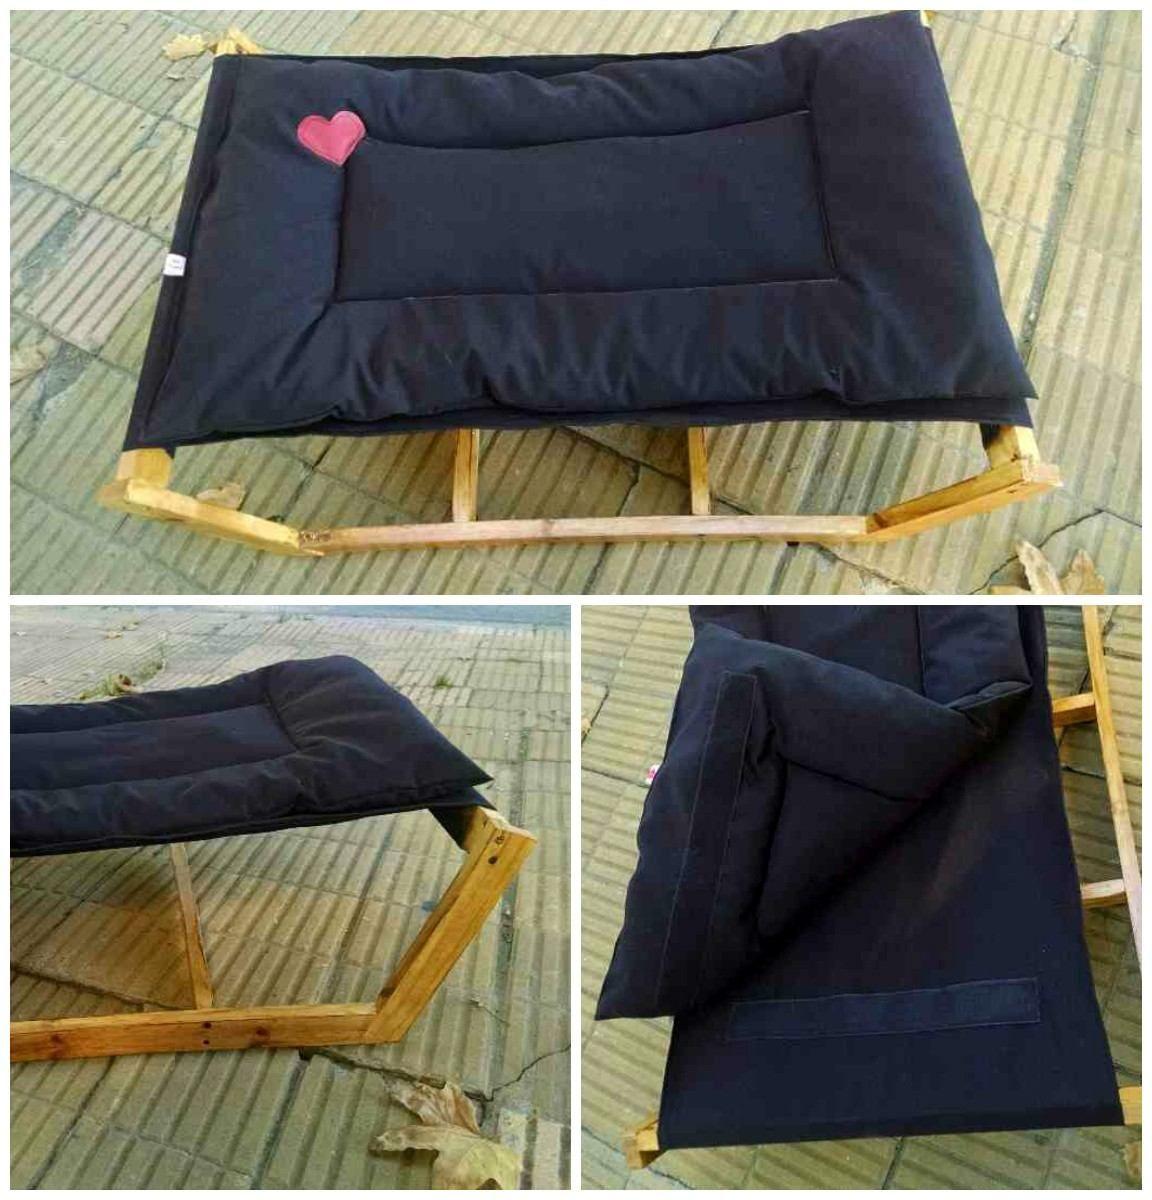 sofa cama para perros mercadolibre modern sectional beds hamaca o gatos by ideame and aleli